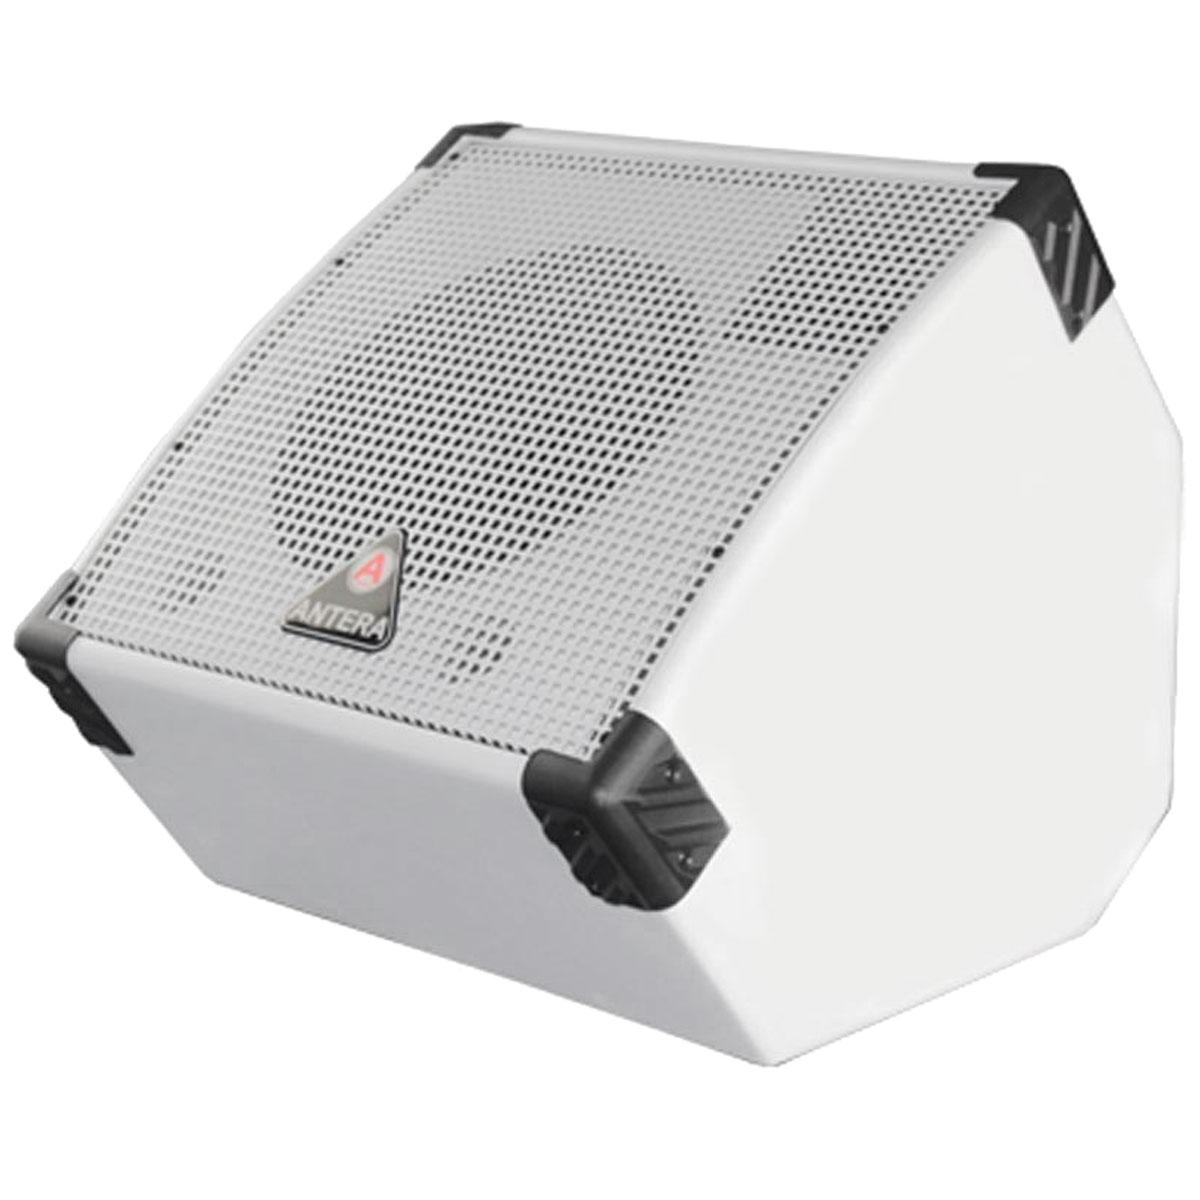 Monitor Passivo 150W Branco M15.1 - Antera